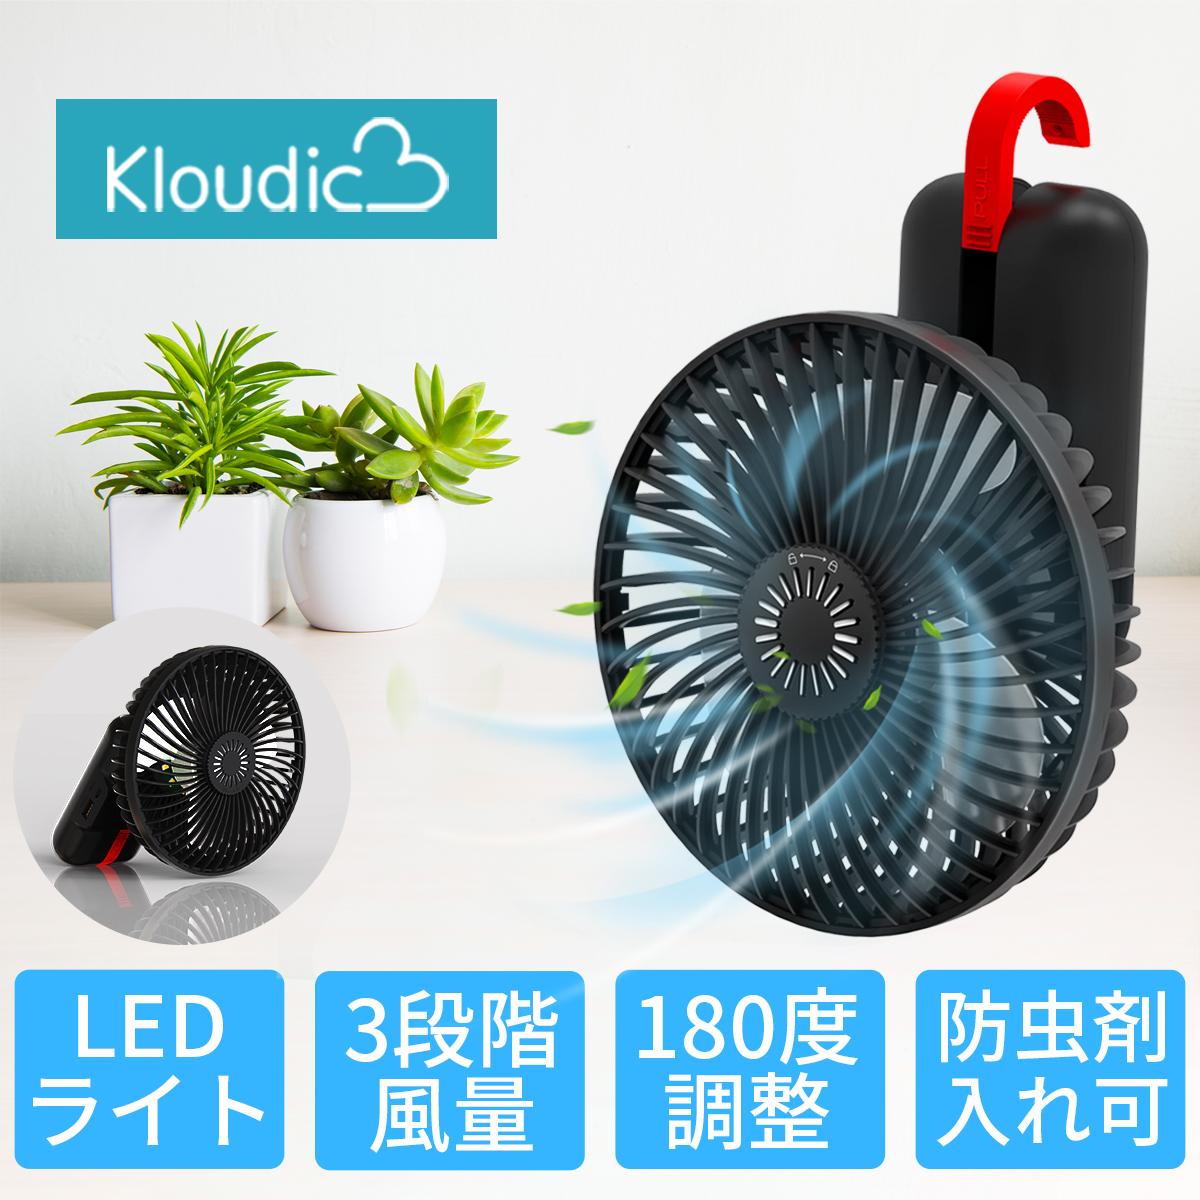 軽くてコンパクトなのでこの扇風機を持ち歩いているとき 非常に便利 いつでもどこでも涼しさを感じます 在庫処分 年間最安 KLOUDIC 扇風機 携帯扇風機 卓上 ハンディファン 誕生日プレゼント 折り畳み 超クール ミニ扇風機 卓上扇風機 静音 USB扇風機 180度角度調整 24h長時間連続使用 小型 驚きの価格が実現 充電式 ブラック キャンプ バッテリー内蔵 オフィス LEDライト付き 手持ち扇風機 風速3段階調節